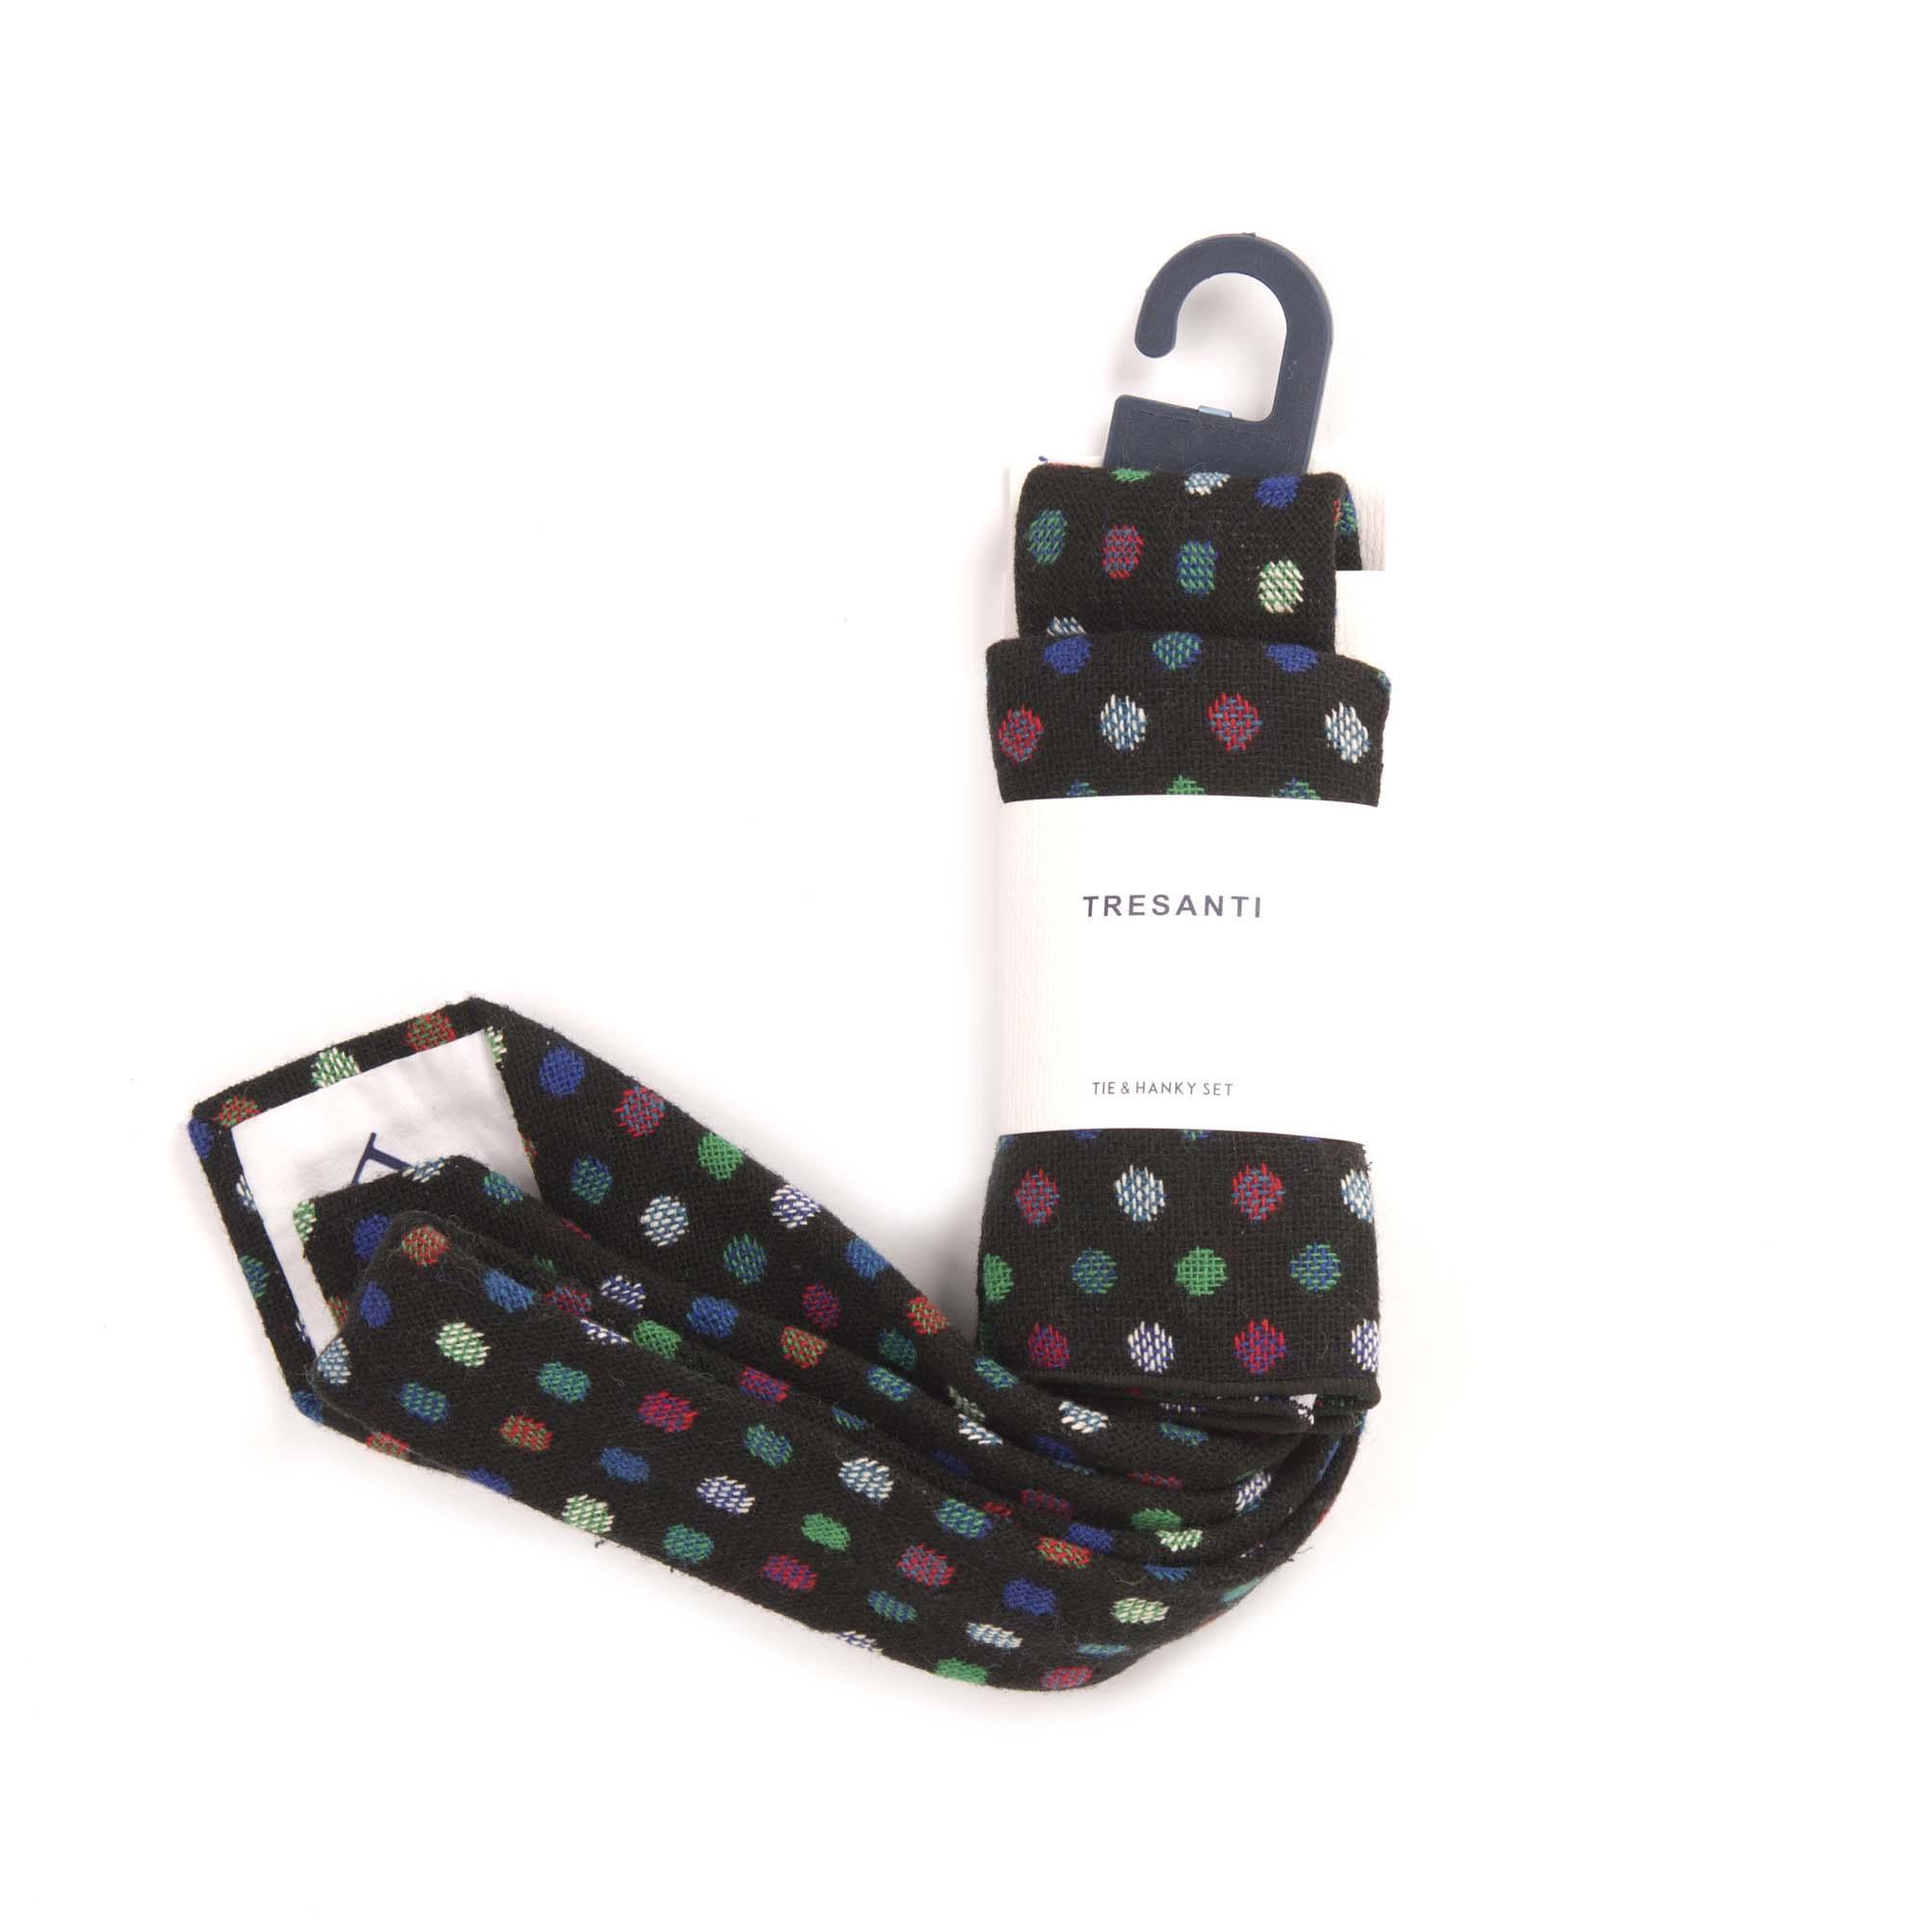 Tie & hanky set grey with multicolour dots